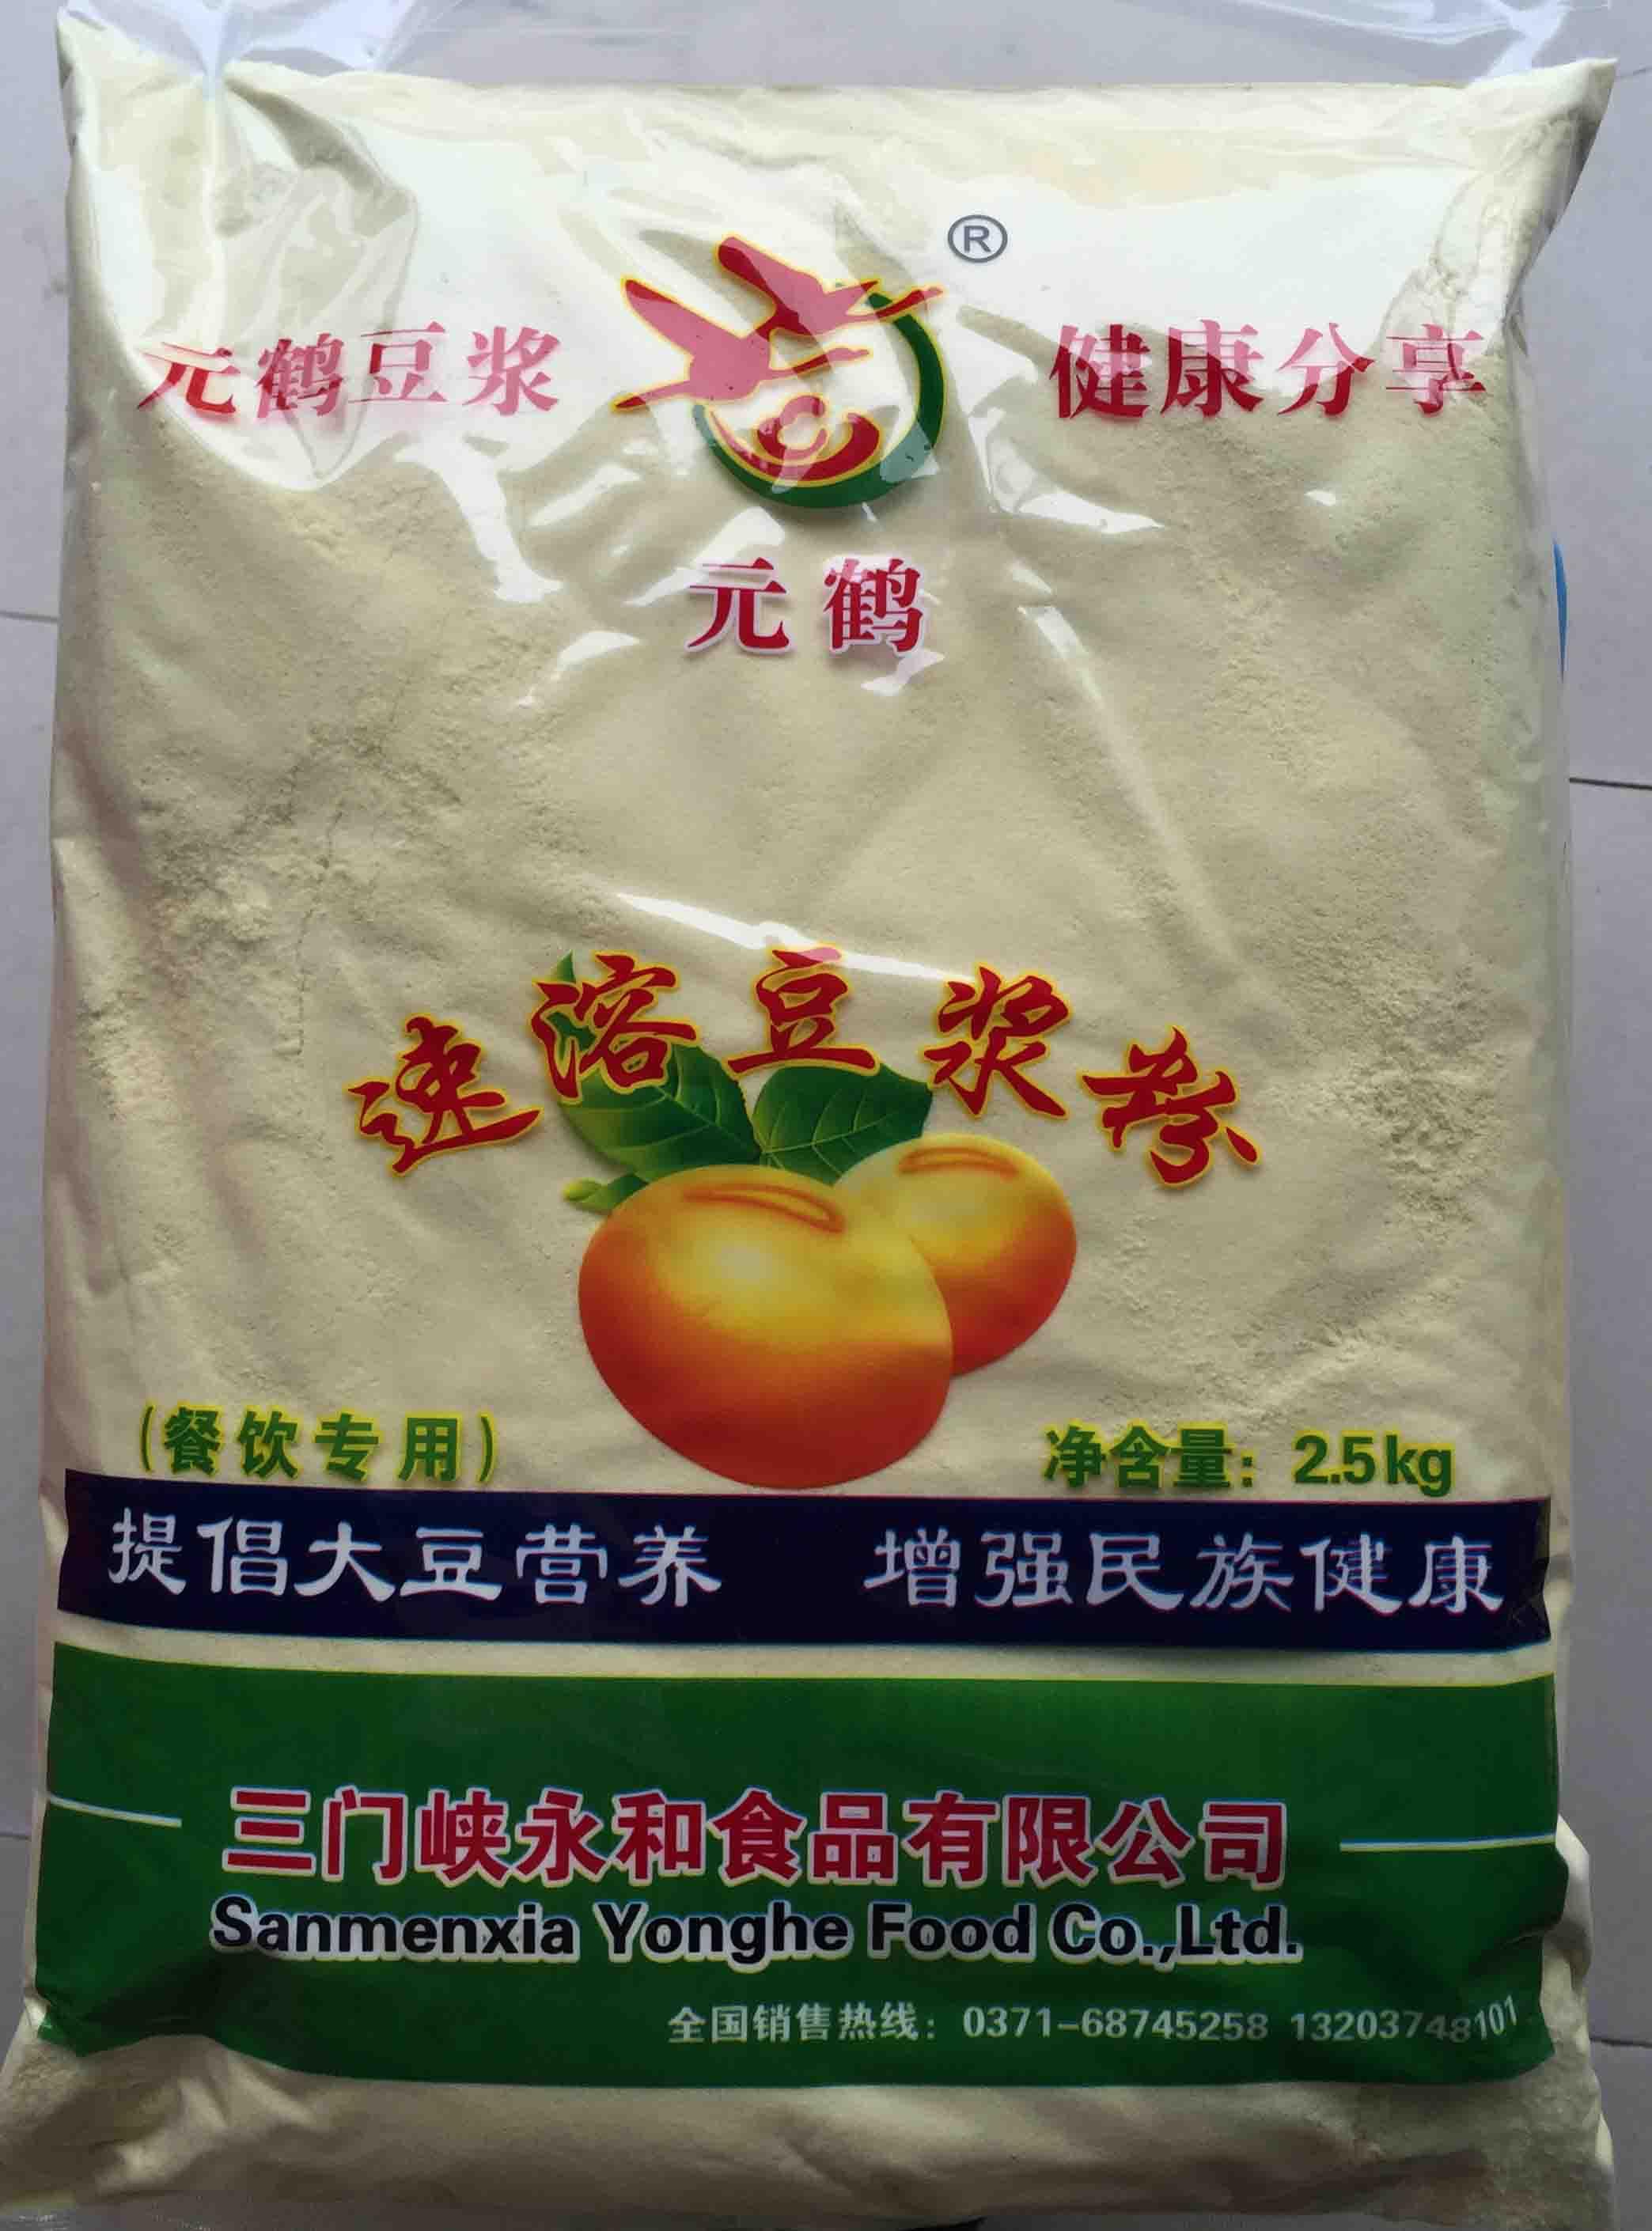 宜昌餐饮豆浆厂家-供应河南实惠的湖北餐饮豆浆粉